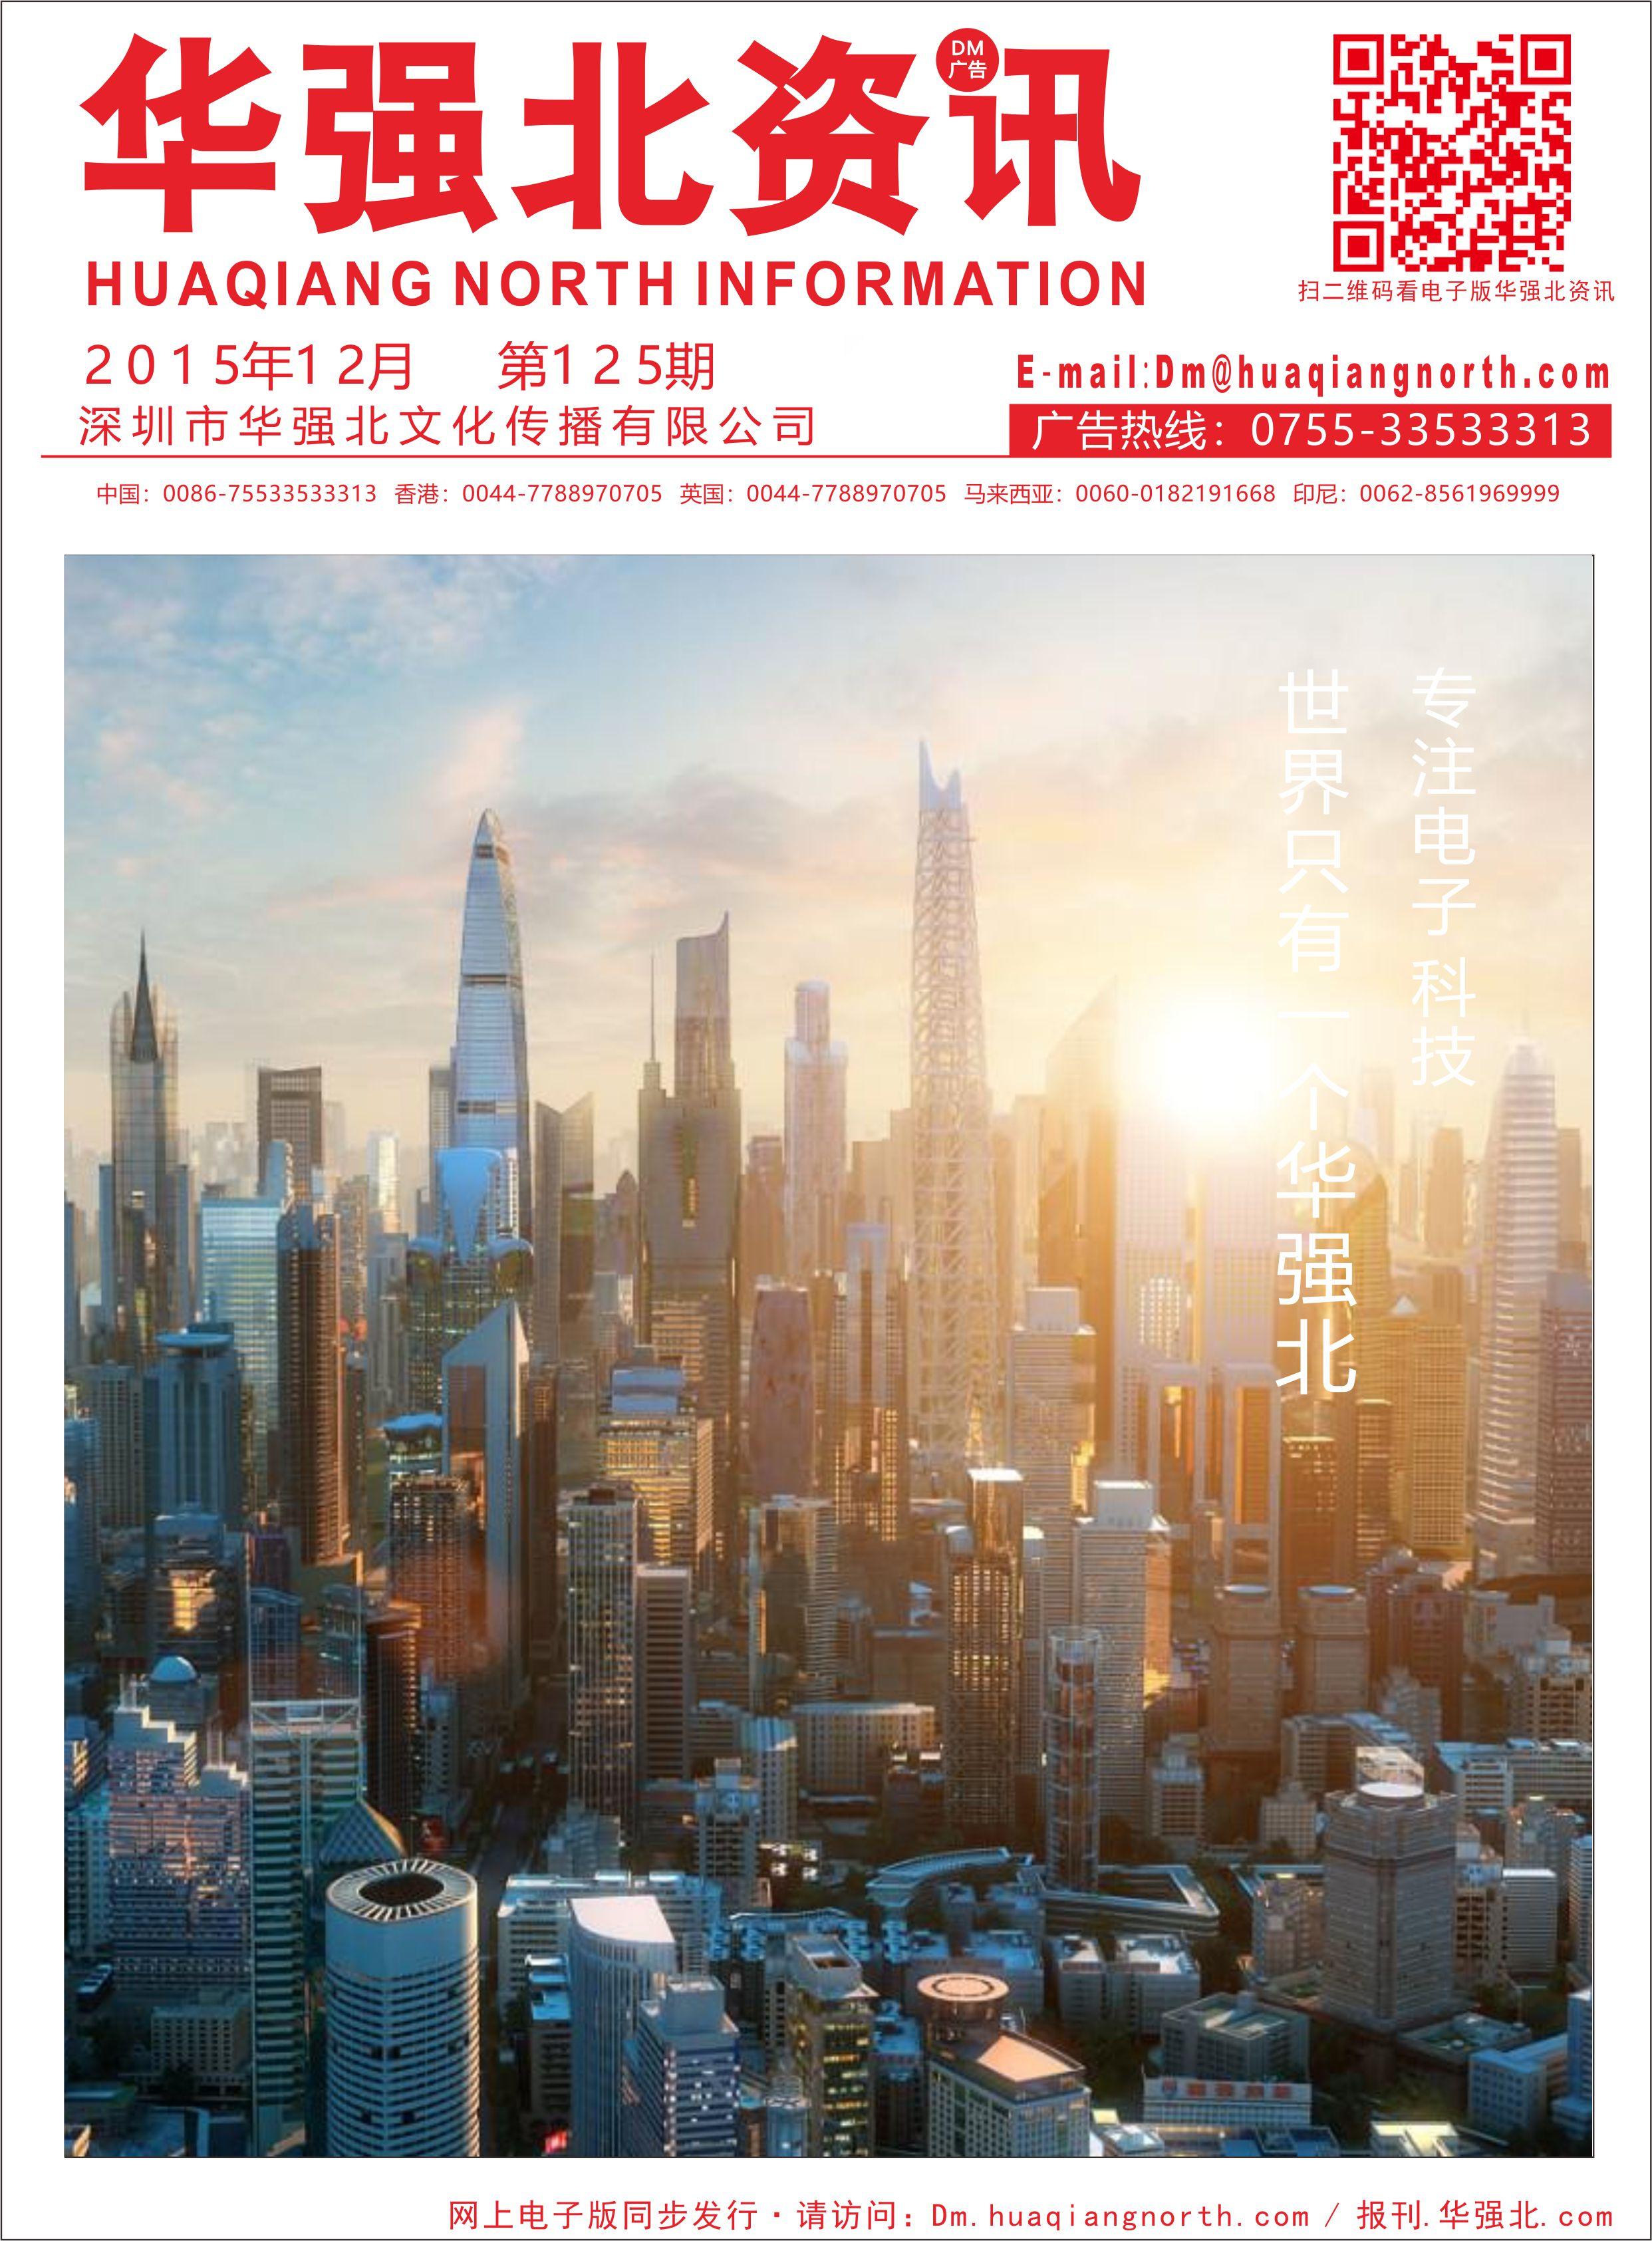 华强北资讯第125期